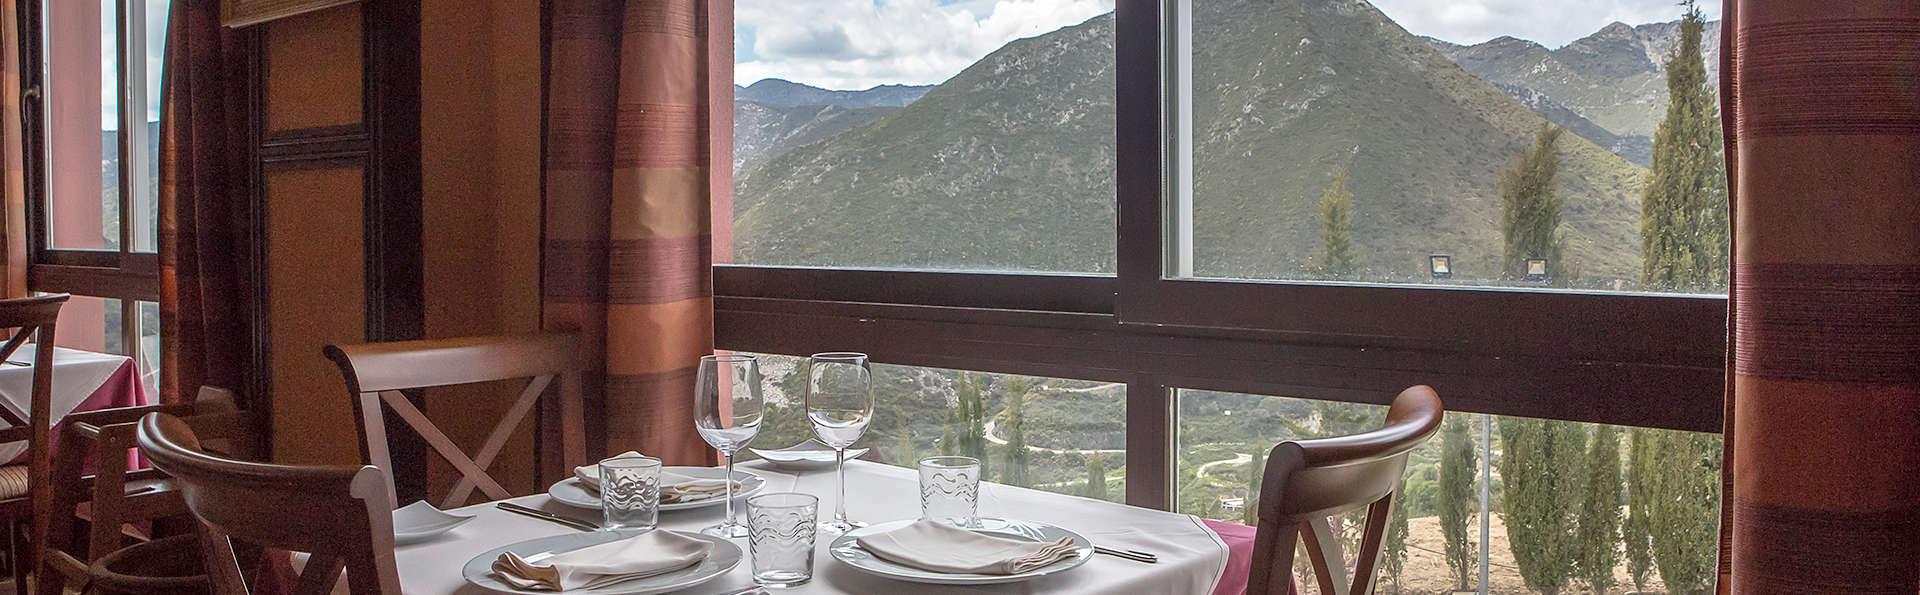 Escapade à Ojén avec dîner, spa et une vue magnifique sur la Sierra de las Nieves